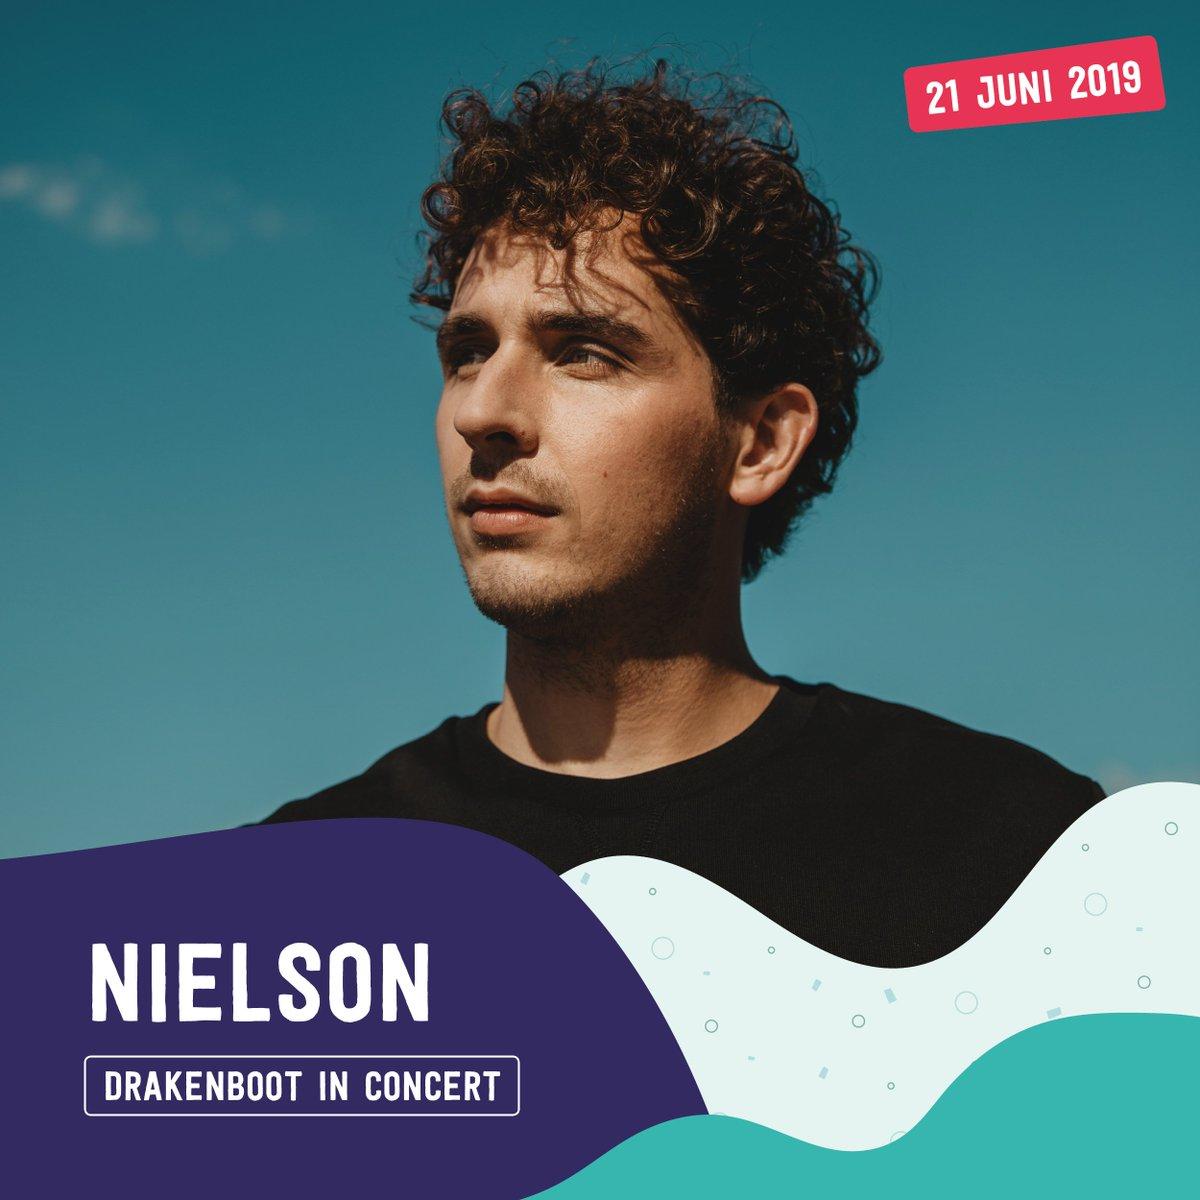 Drakenbootfestival's photo on Edisons